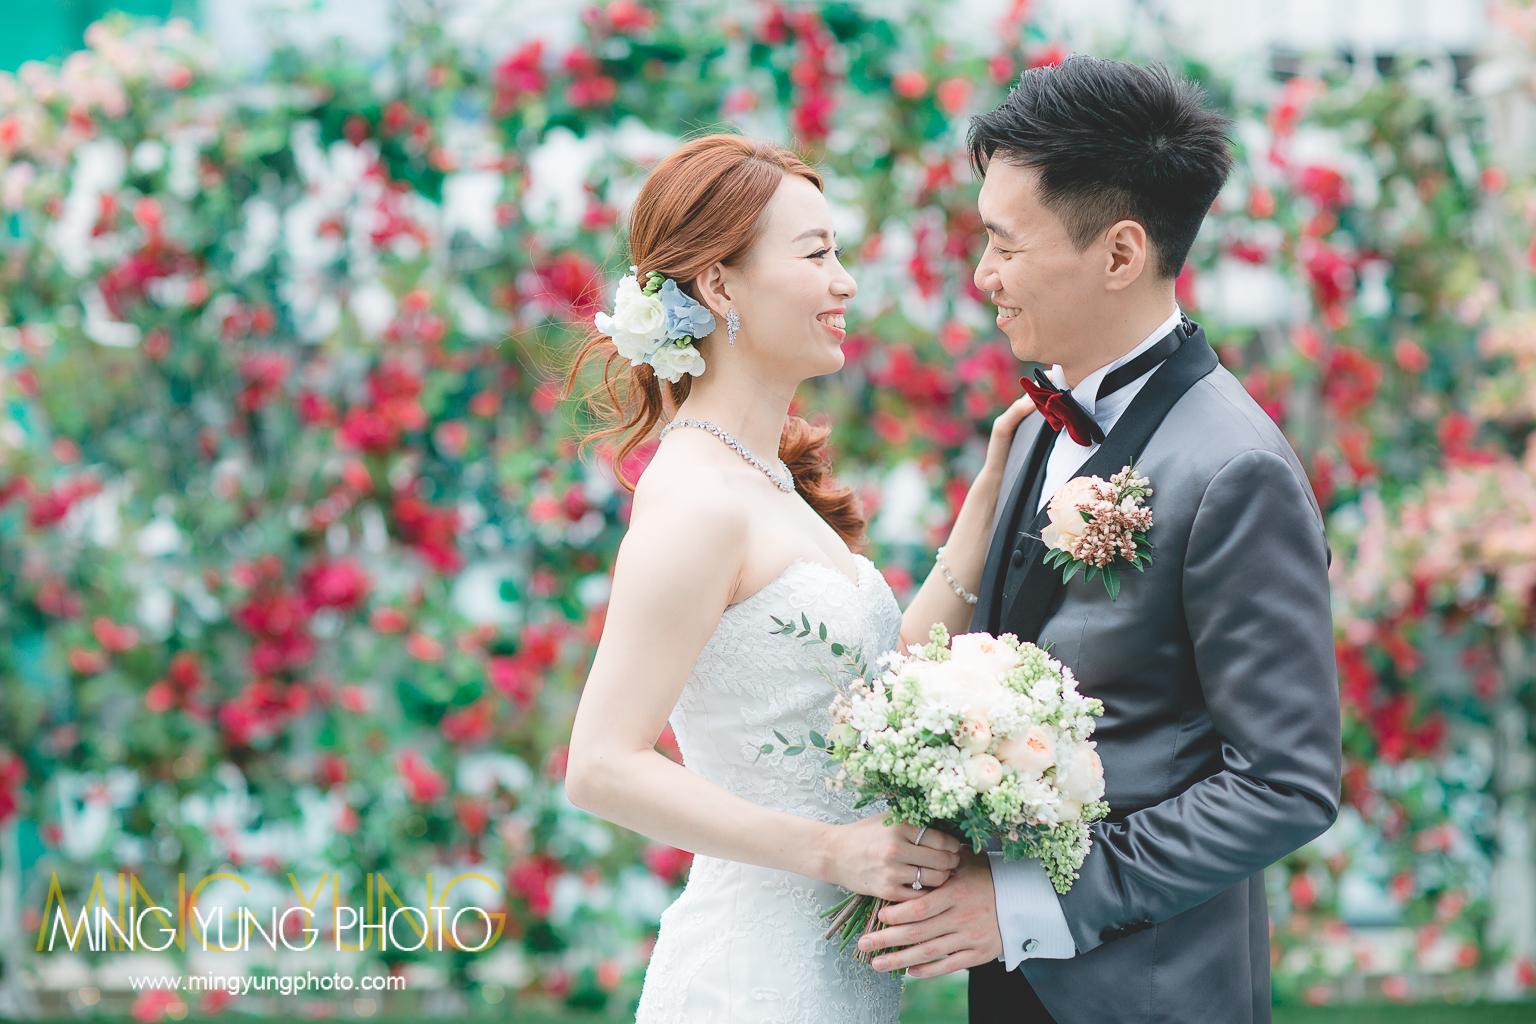 mingyungphoto-201605090029